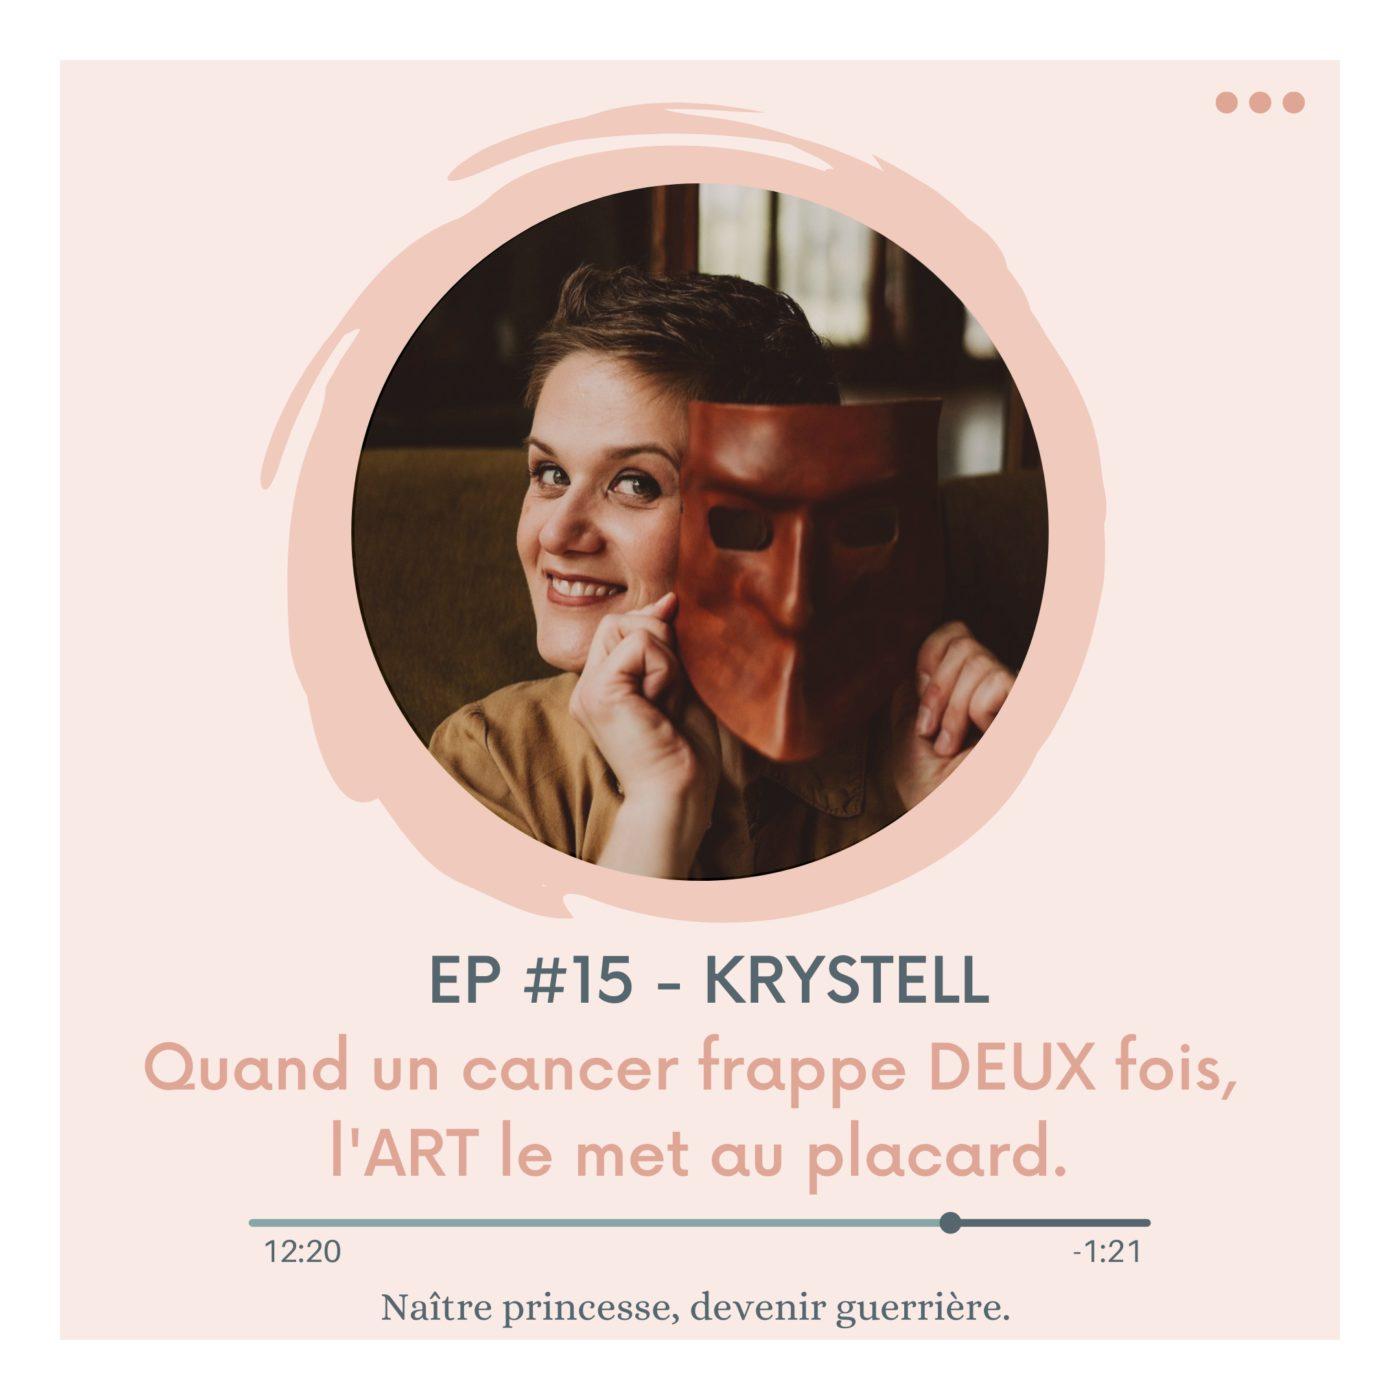 EP#15 - QUAND UN CANCER FRAPPE DEUX FOIS, L'ART LE MET AU PLACARD. KRYSTELL.